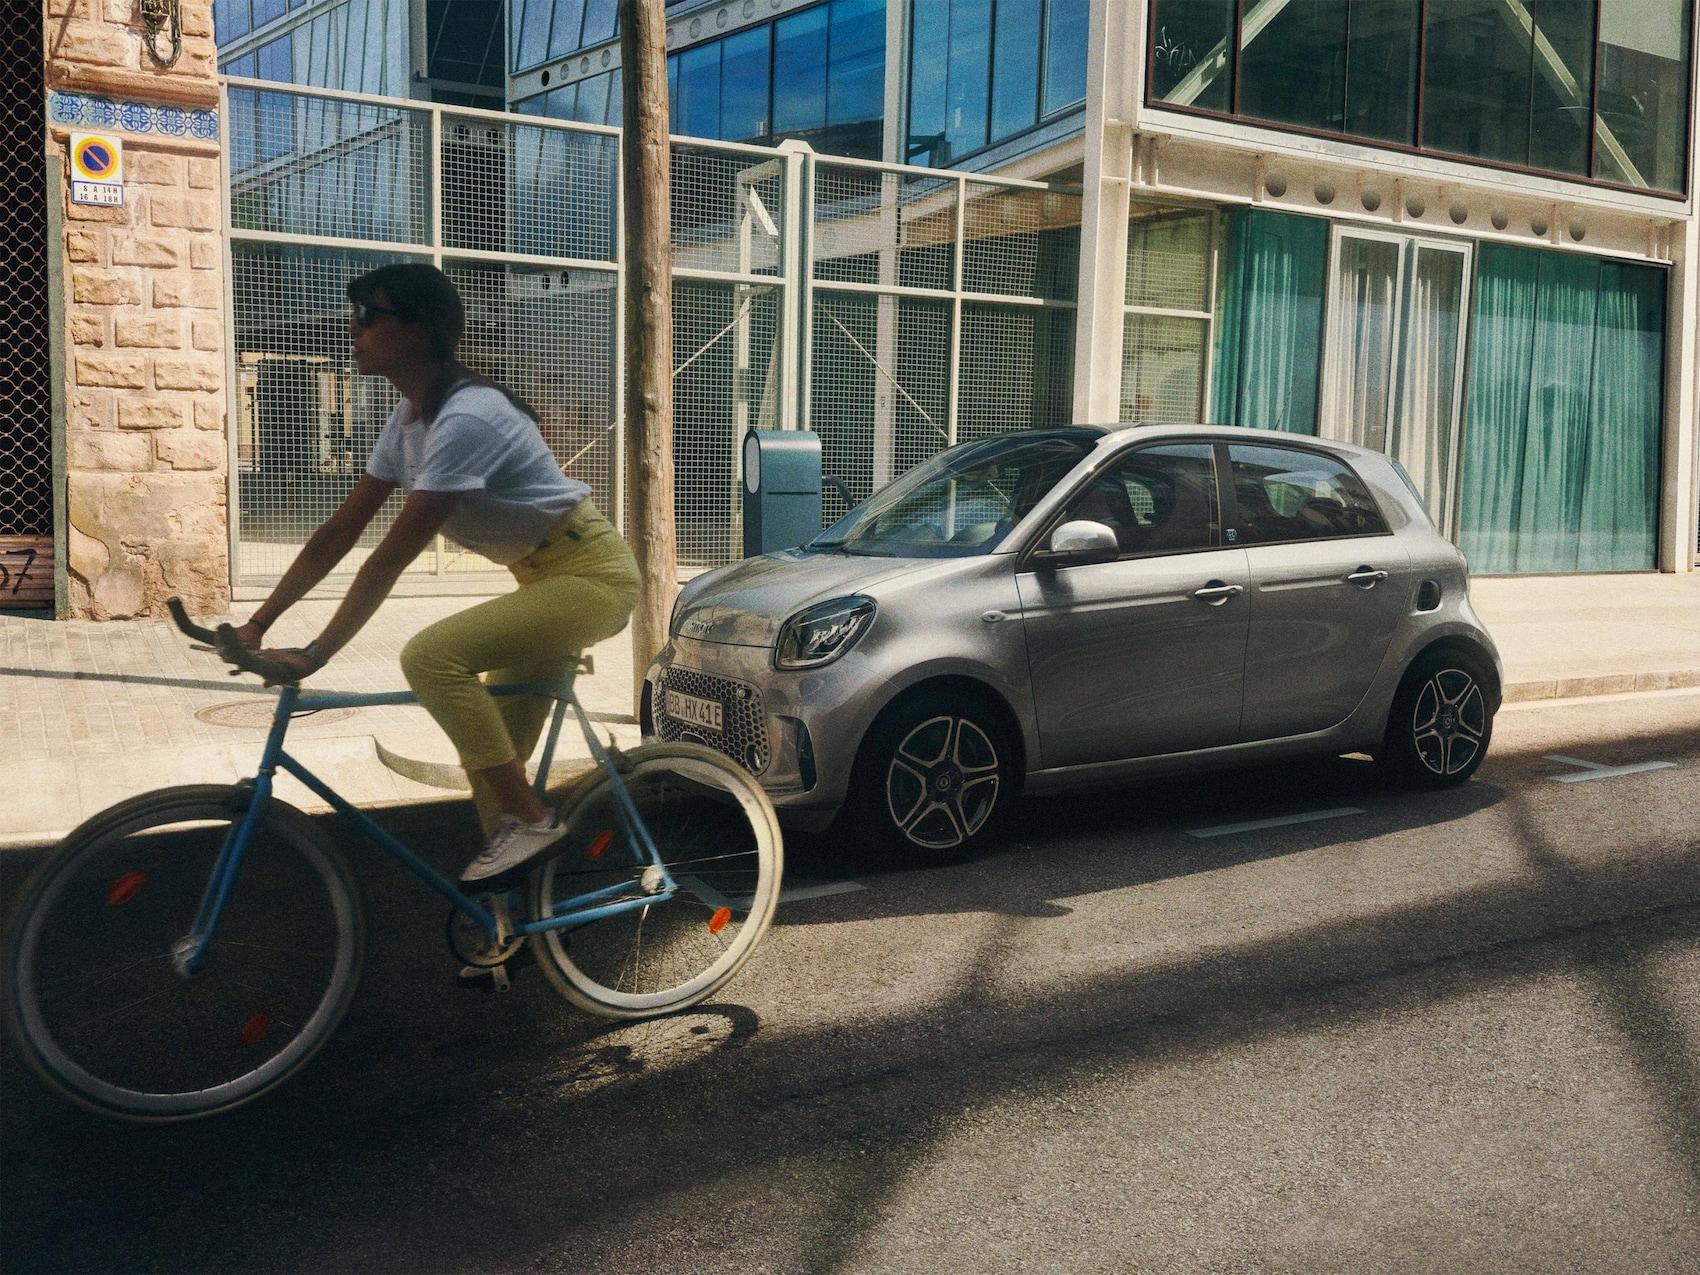 Ein smart EQ forfour steht geparkt am Bordstein. Ein Fahrradfahrer fährt vorbei.